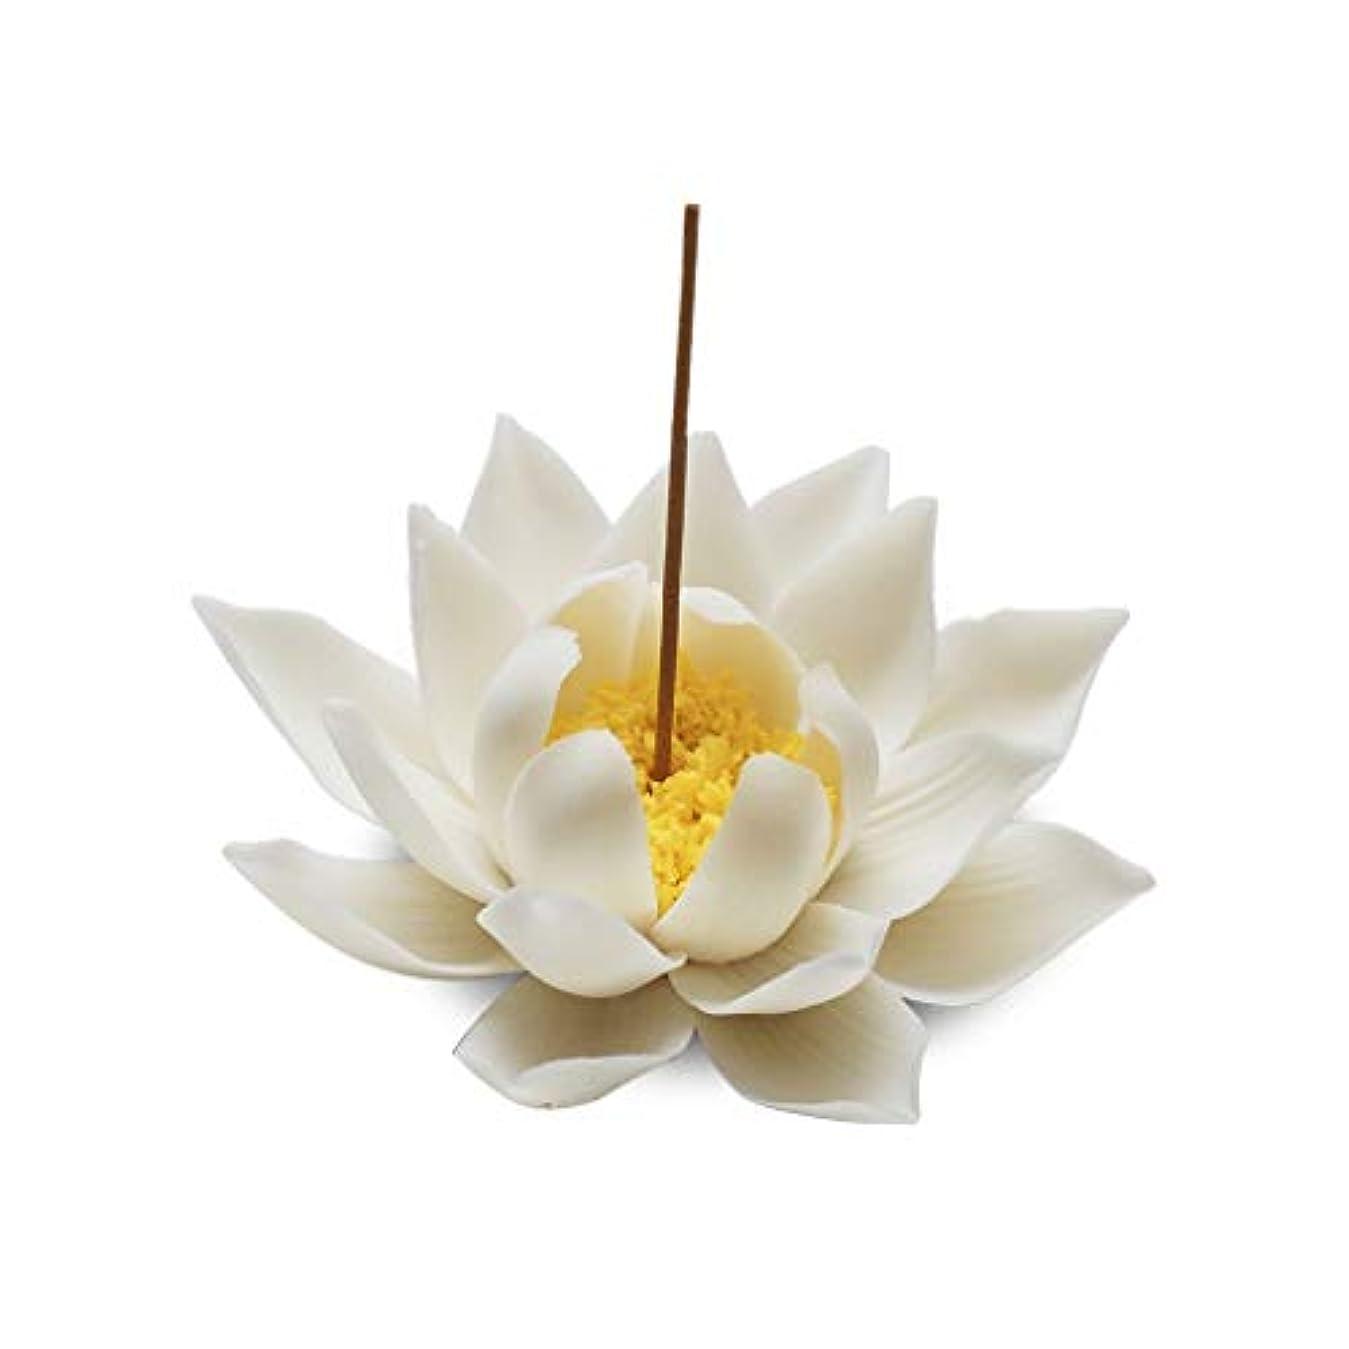 インシュレータ露出度の高い柔らかいセラミック蓮香バーナー家の装飾香スティックホルダー仏教アロマセラピー香炉ホームオフィス用 (Color : A)